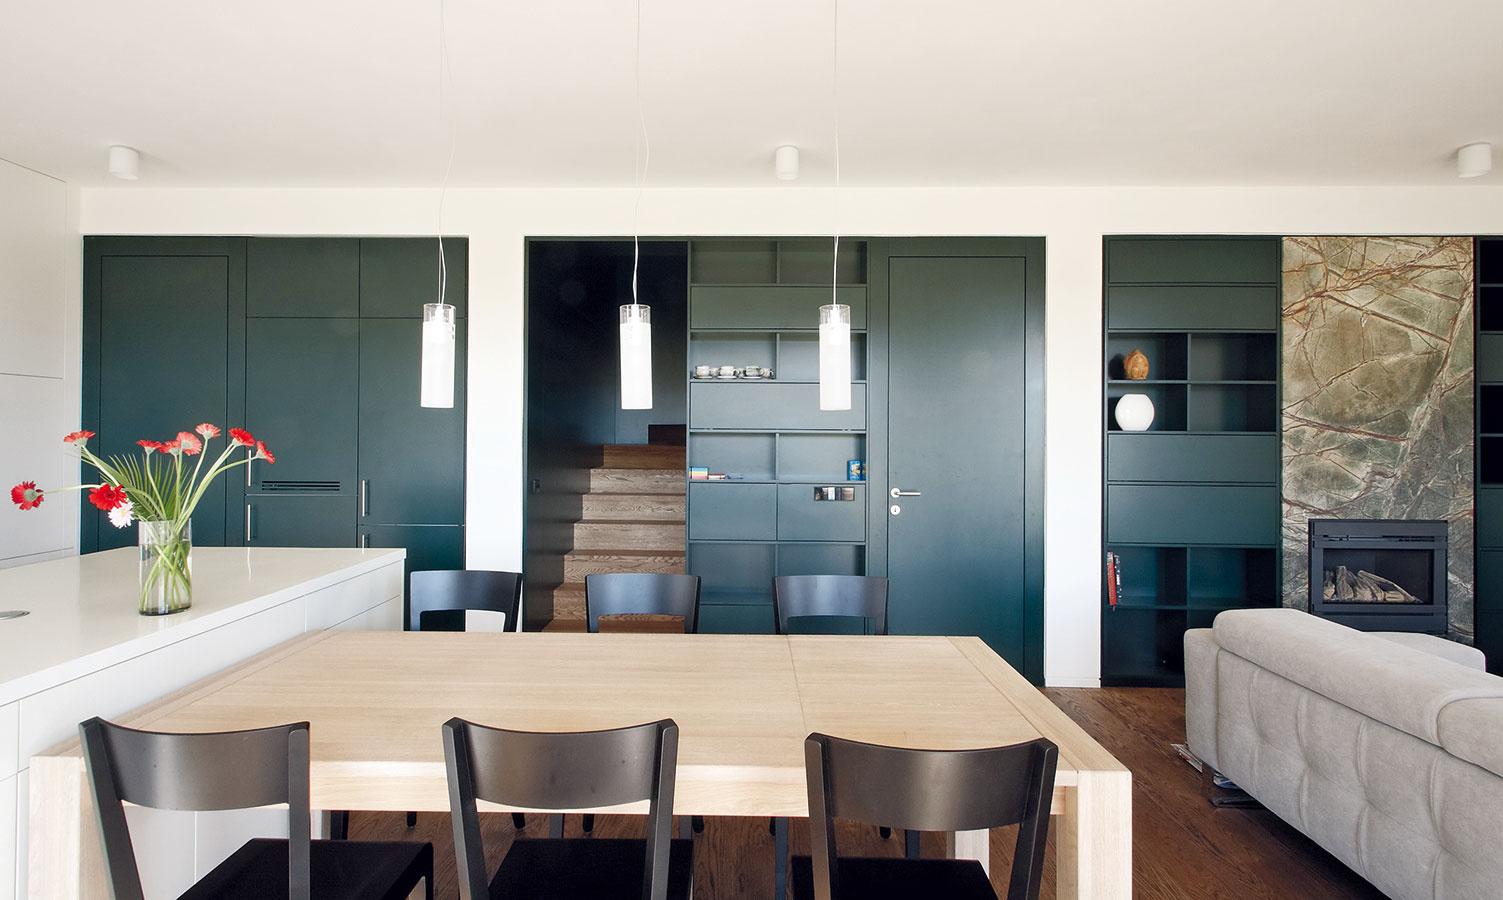 Zabudované skrine apolicové systémy sú akýmsi interiérovým poznávacím znamením architektonického tandemu.